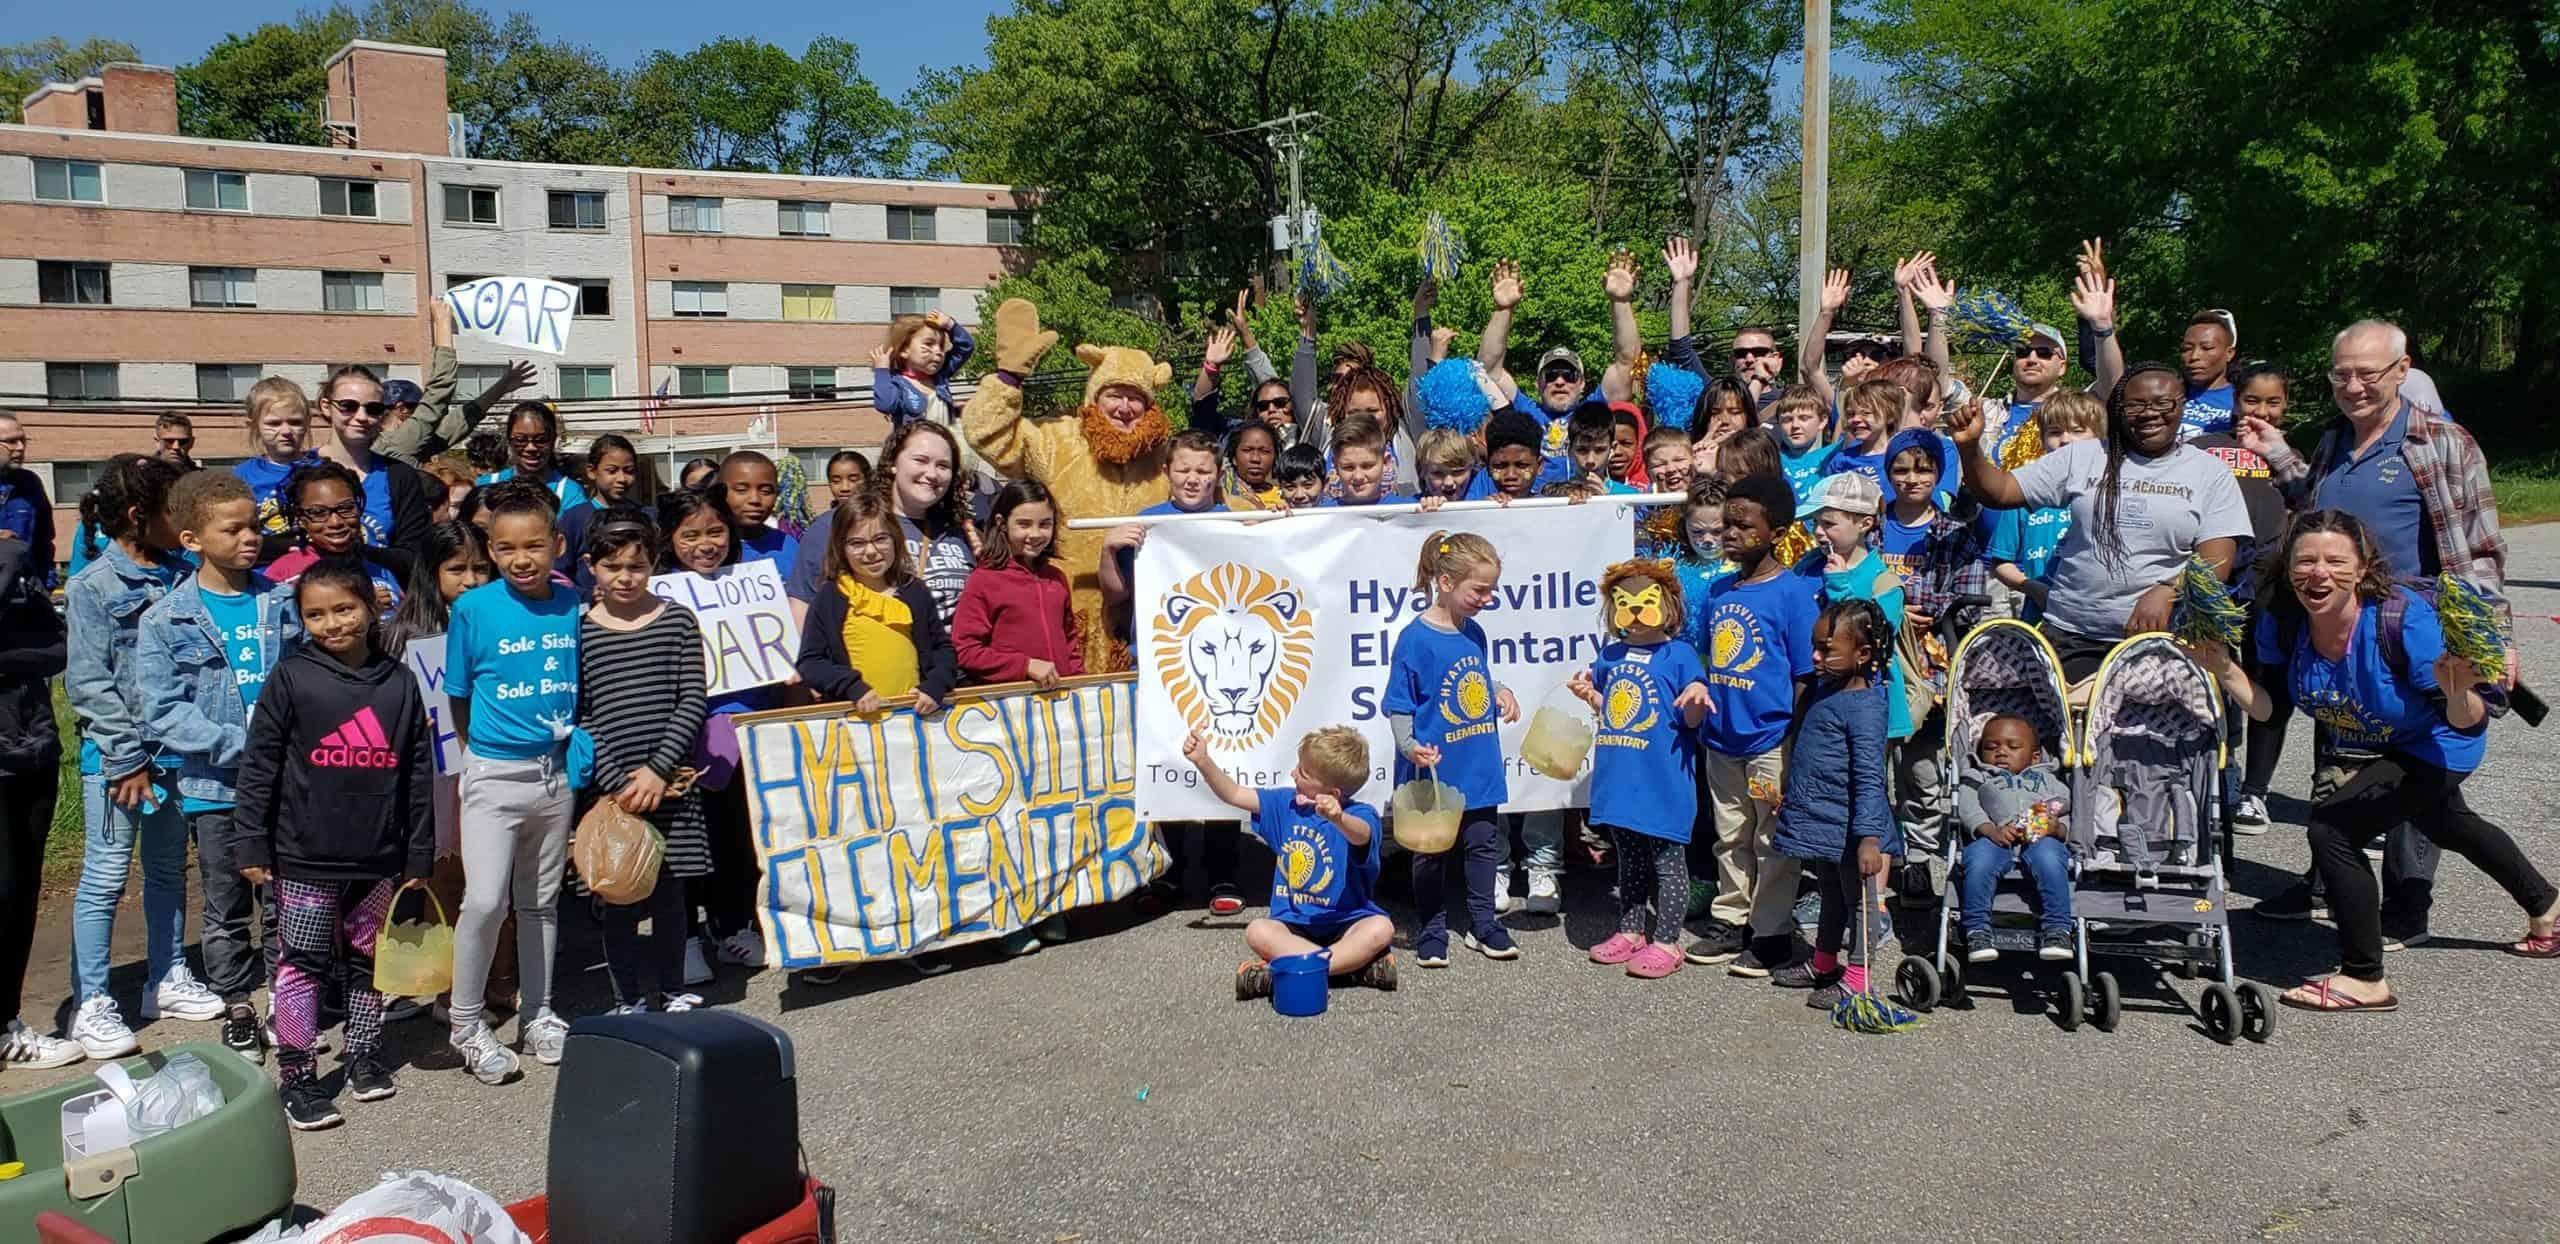 Hyattsville Elementary School